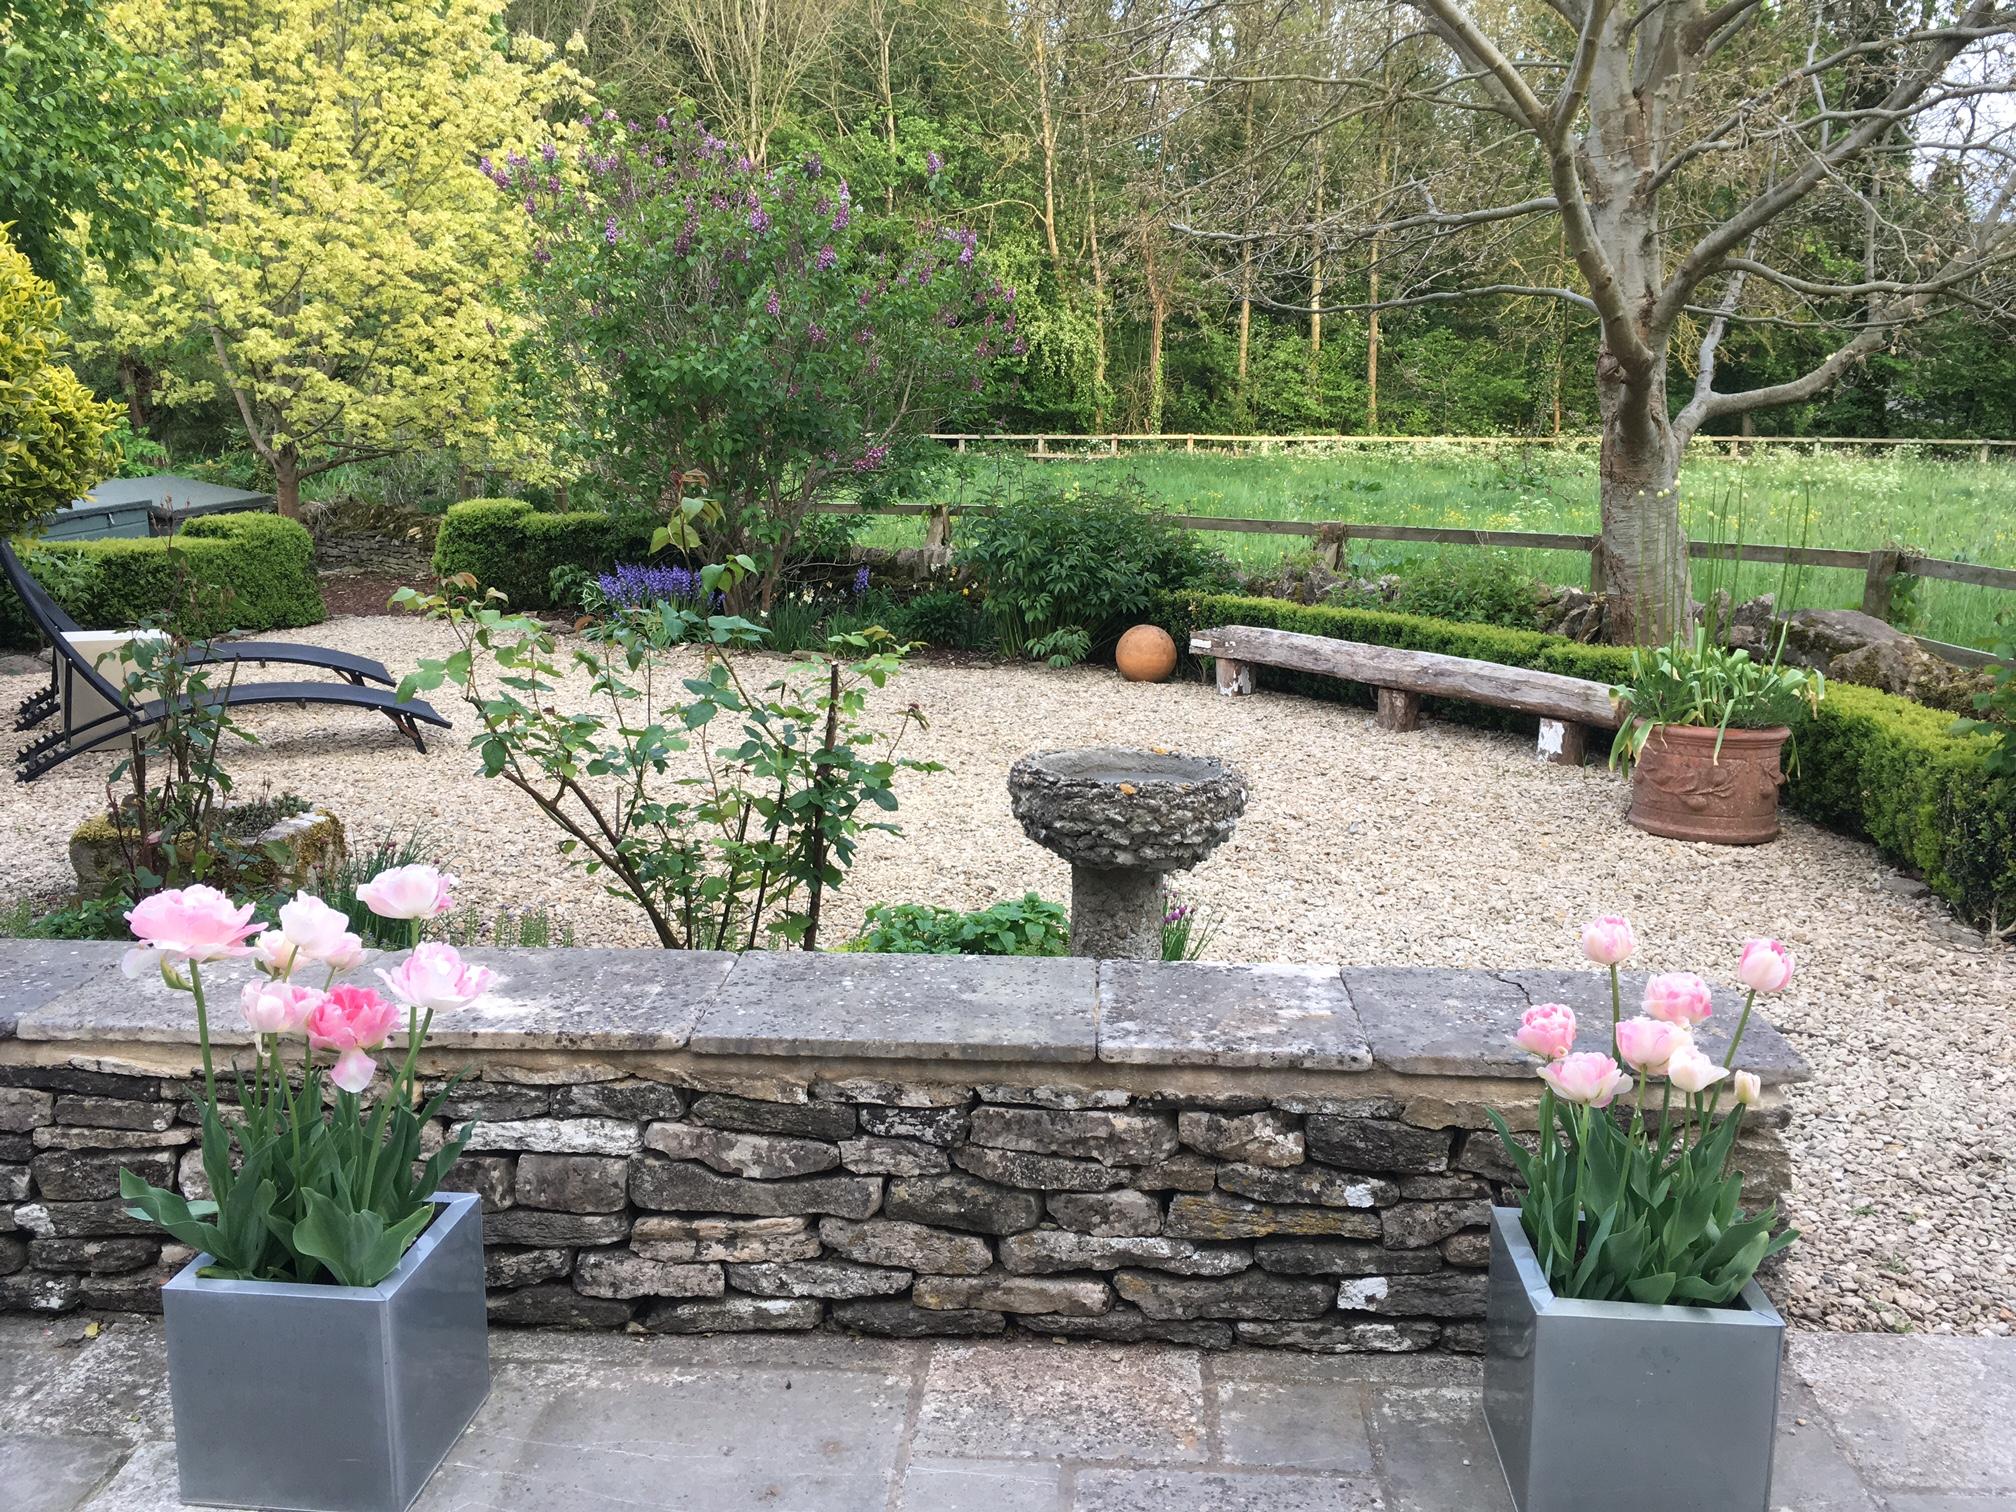 The Chestnuts garden in spring